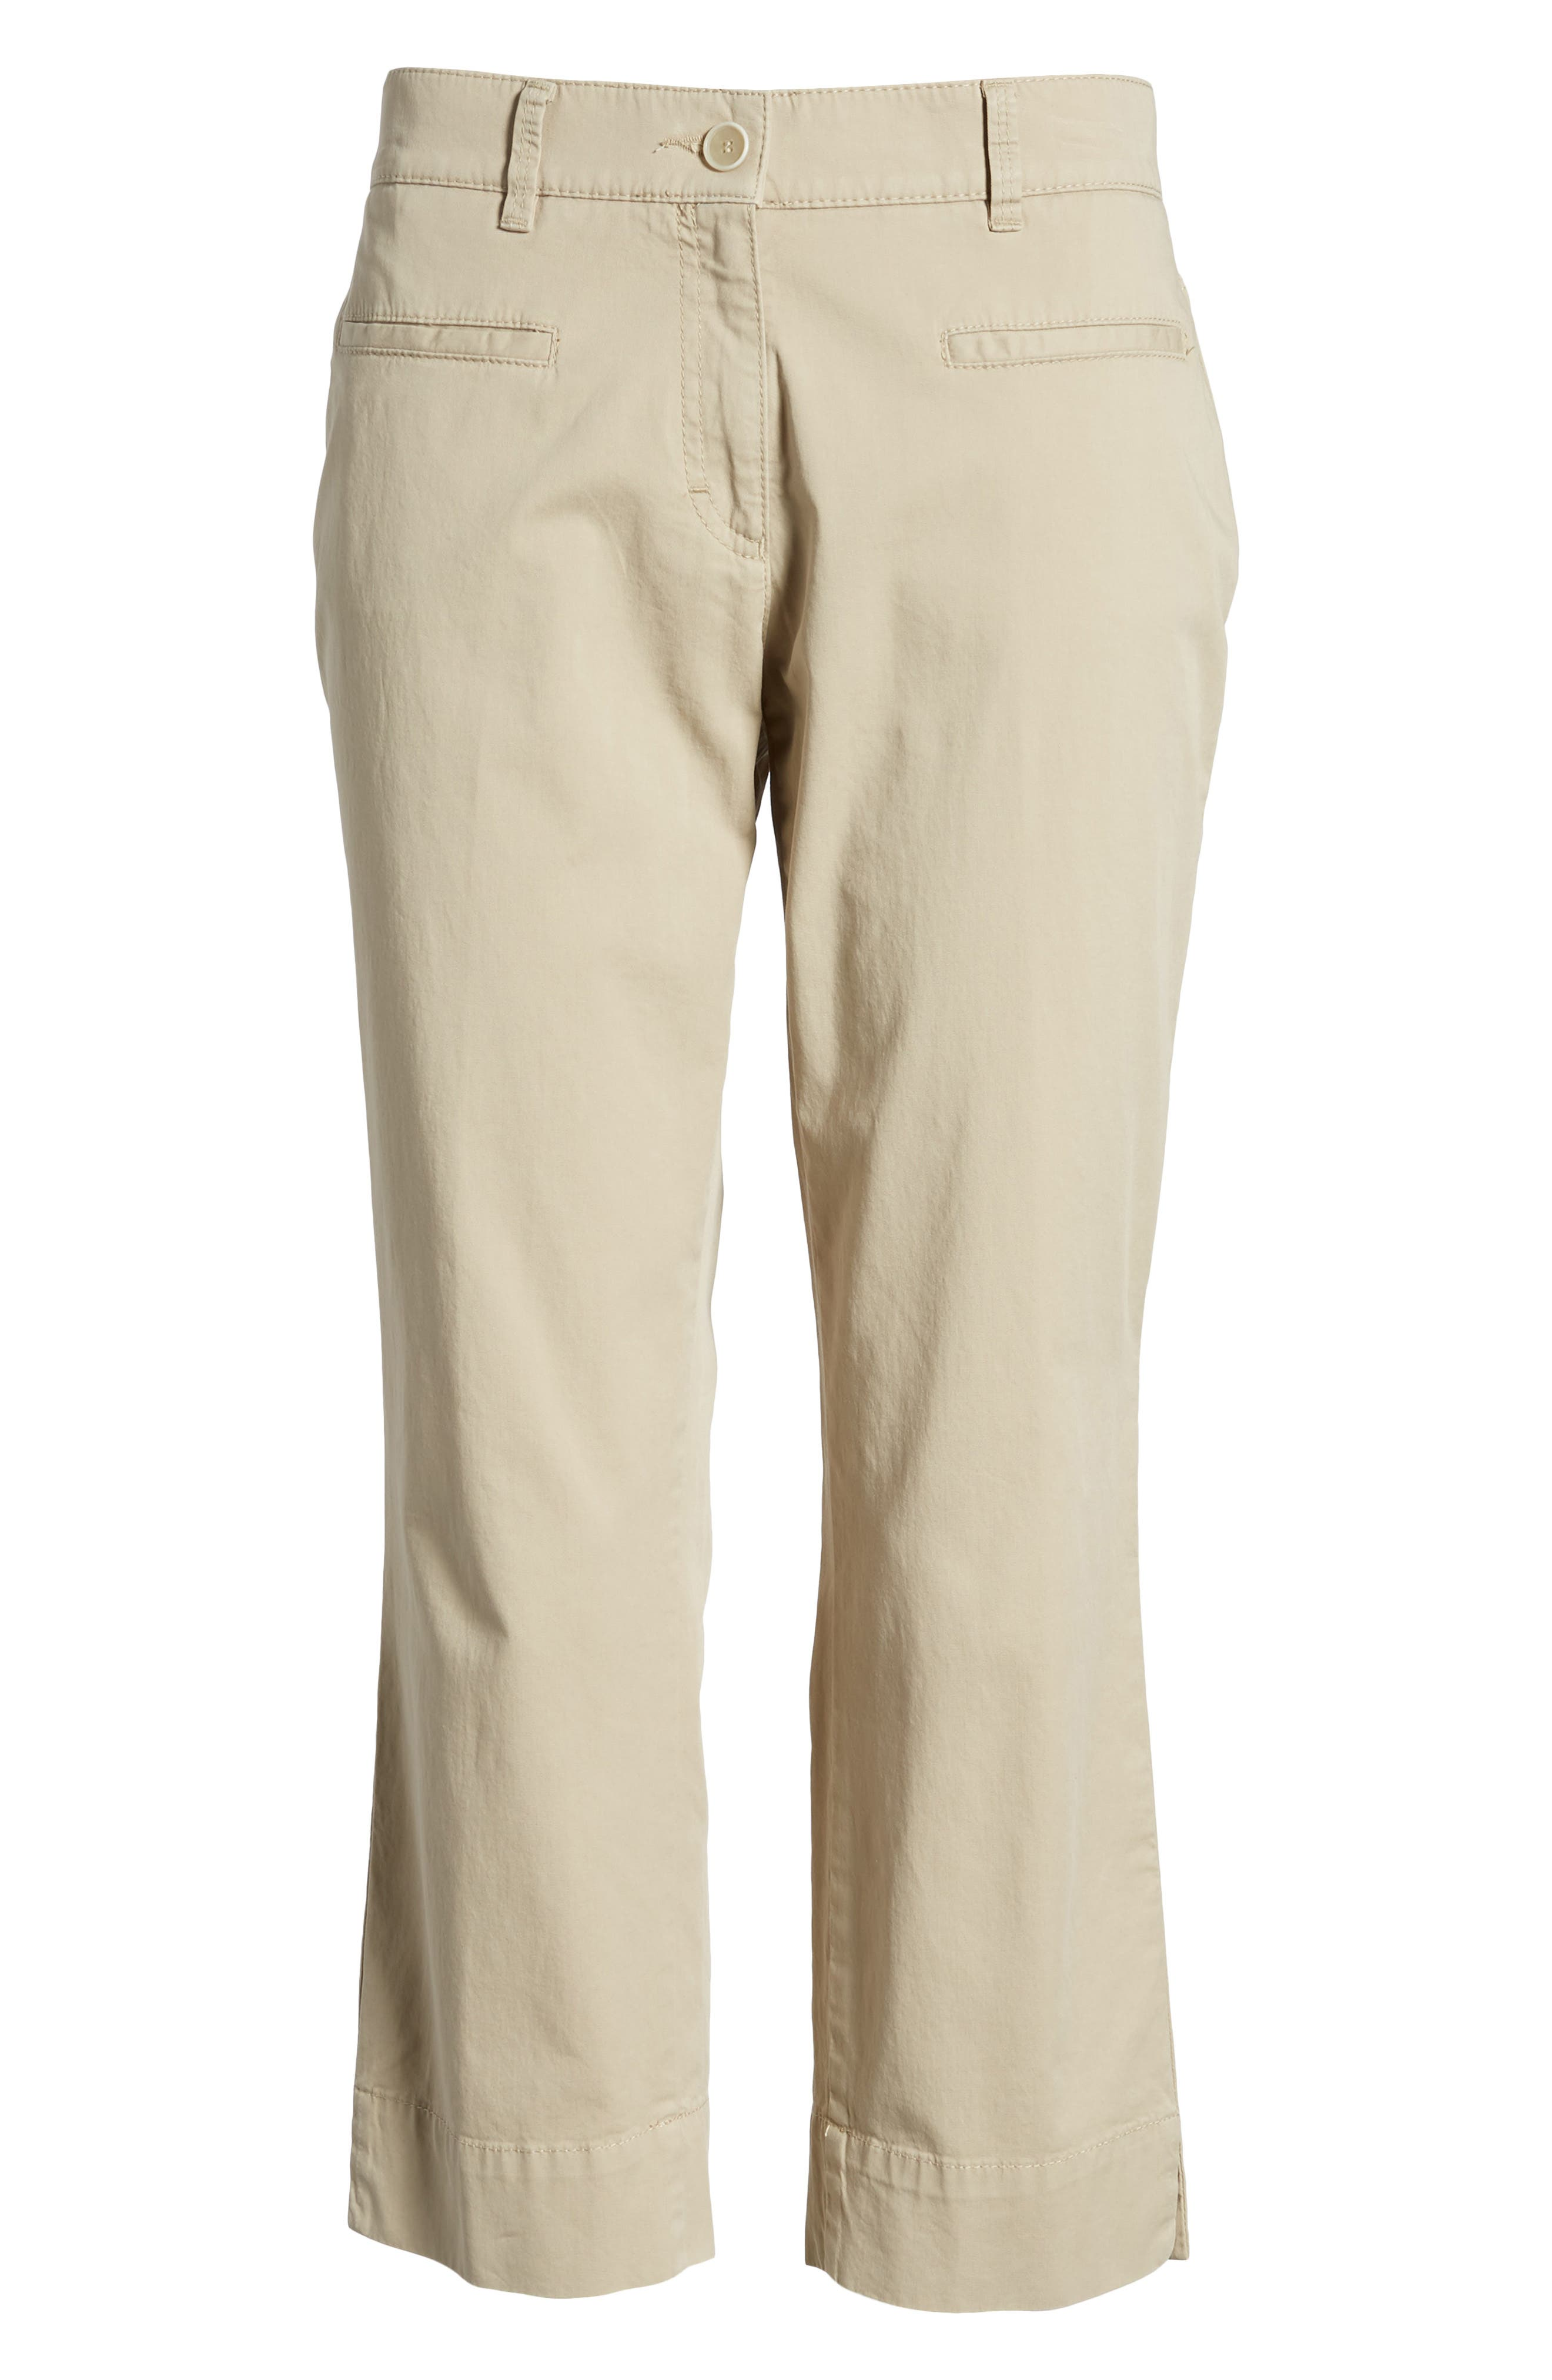 Sunny Stretch Cotton Slit Hem Pants,                             Alternate thumbnail 6, color,                             Almond